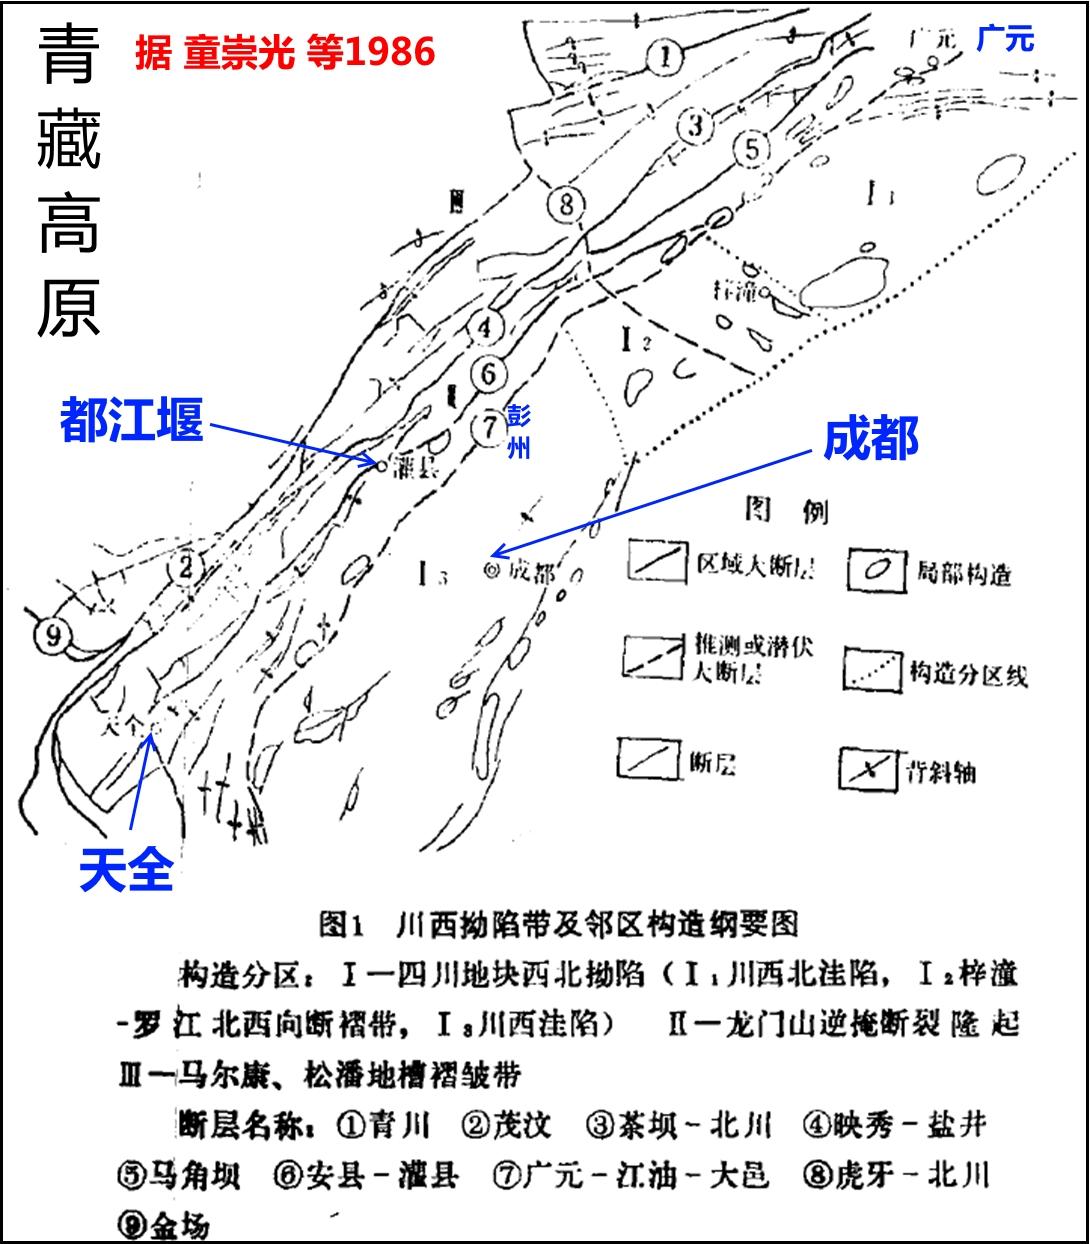 pengzhou02.jpg